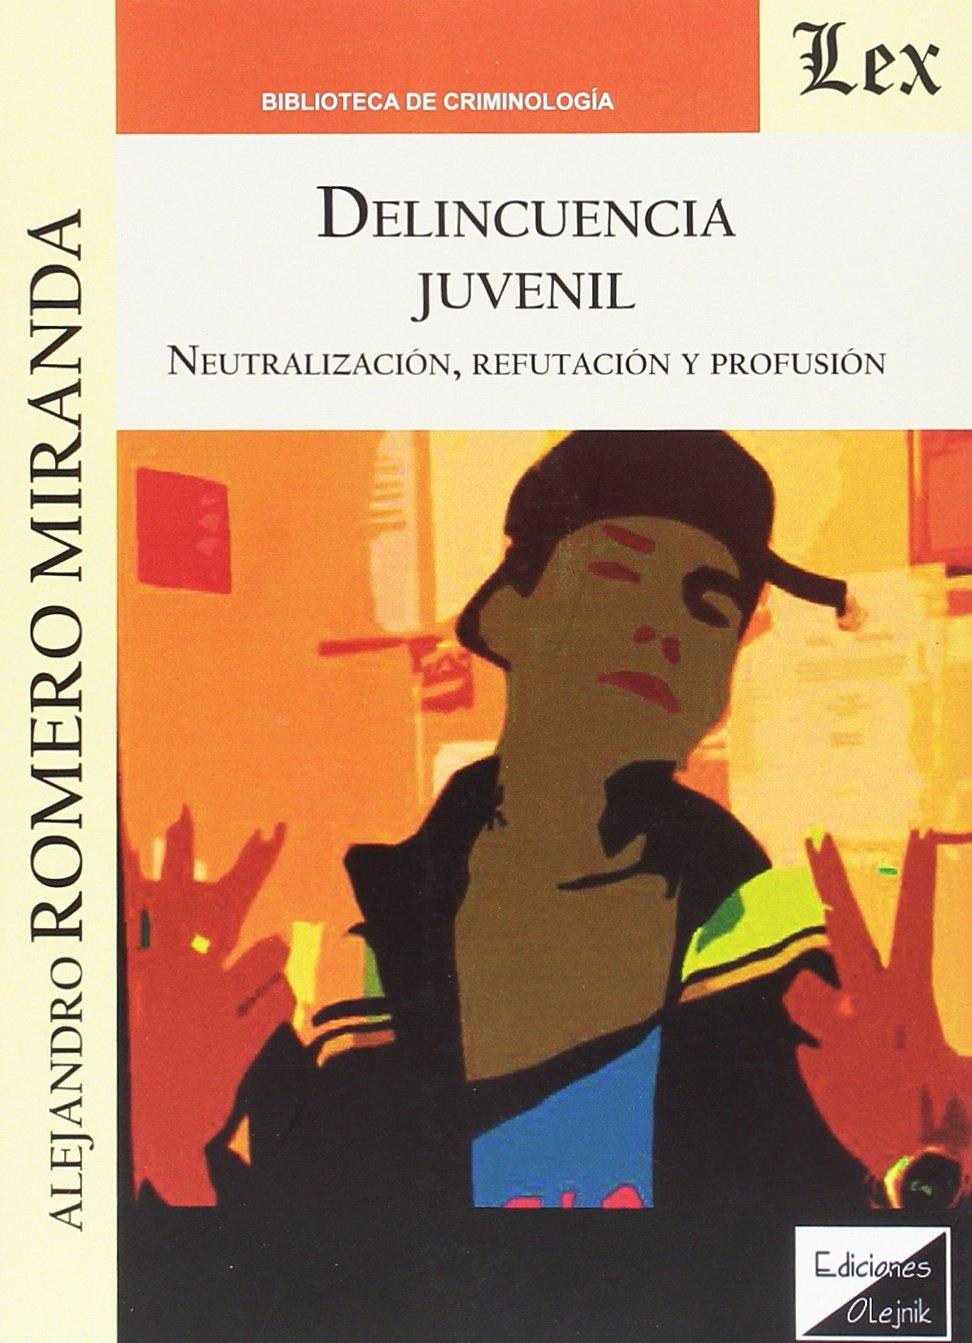 Delincuencia juvenil. Neutralización, refutación y profusion: Amazon.es: Romero Miranda Alejandro: Libros